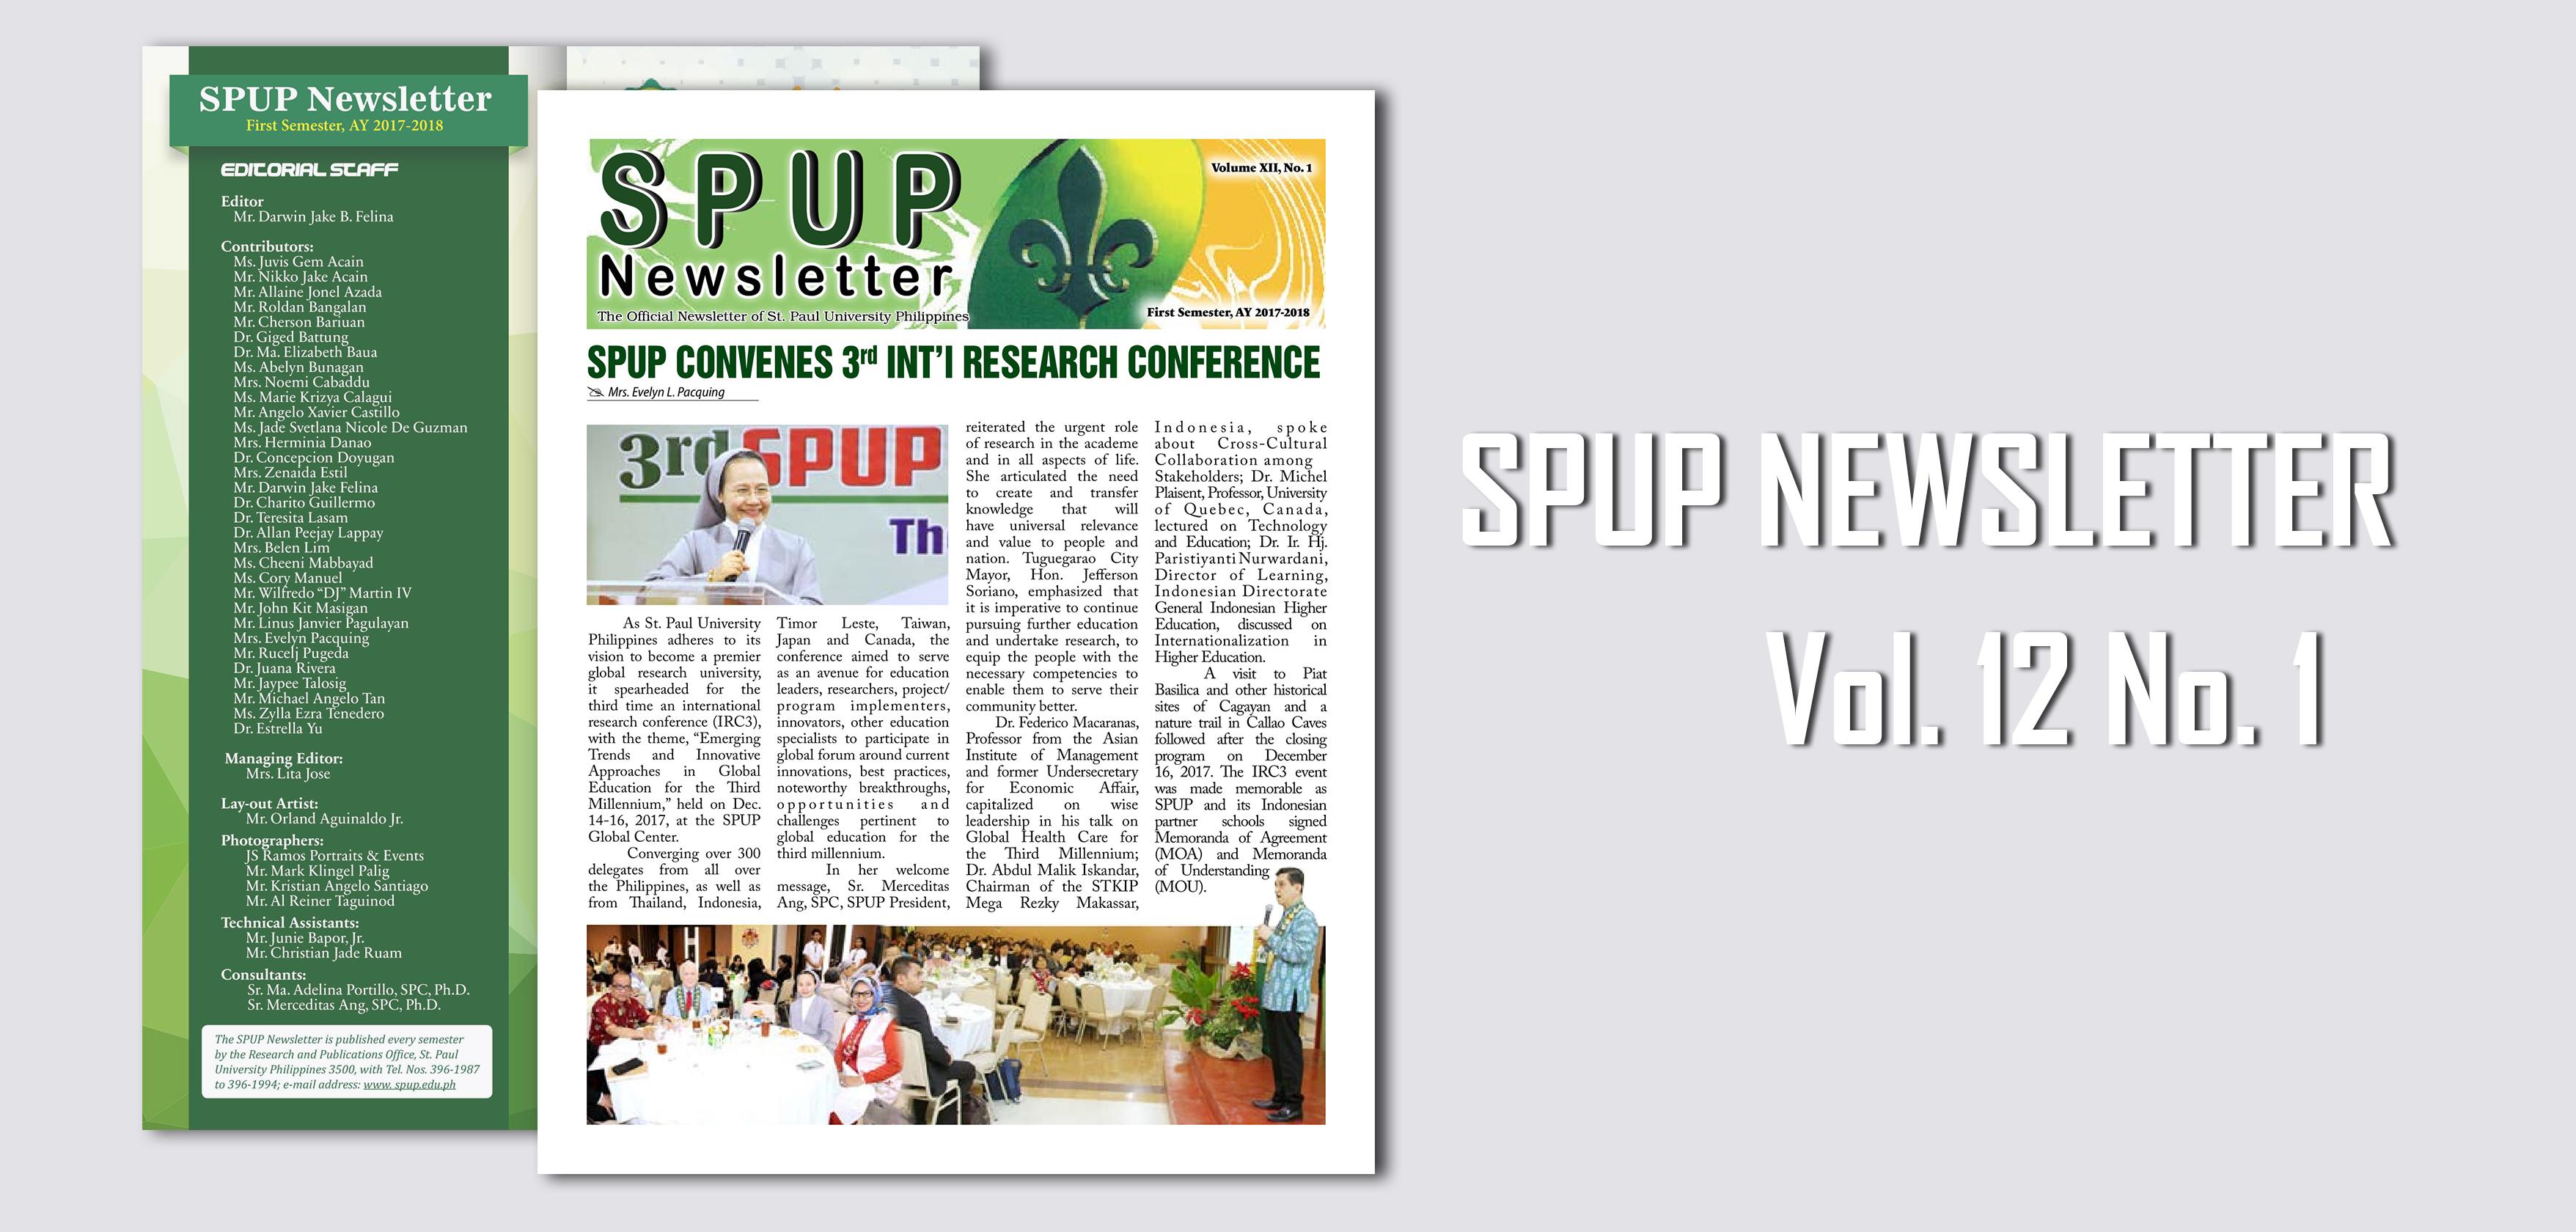 newsletter-vol12-17-18-1st.jpg